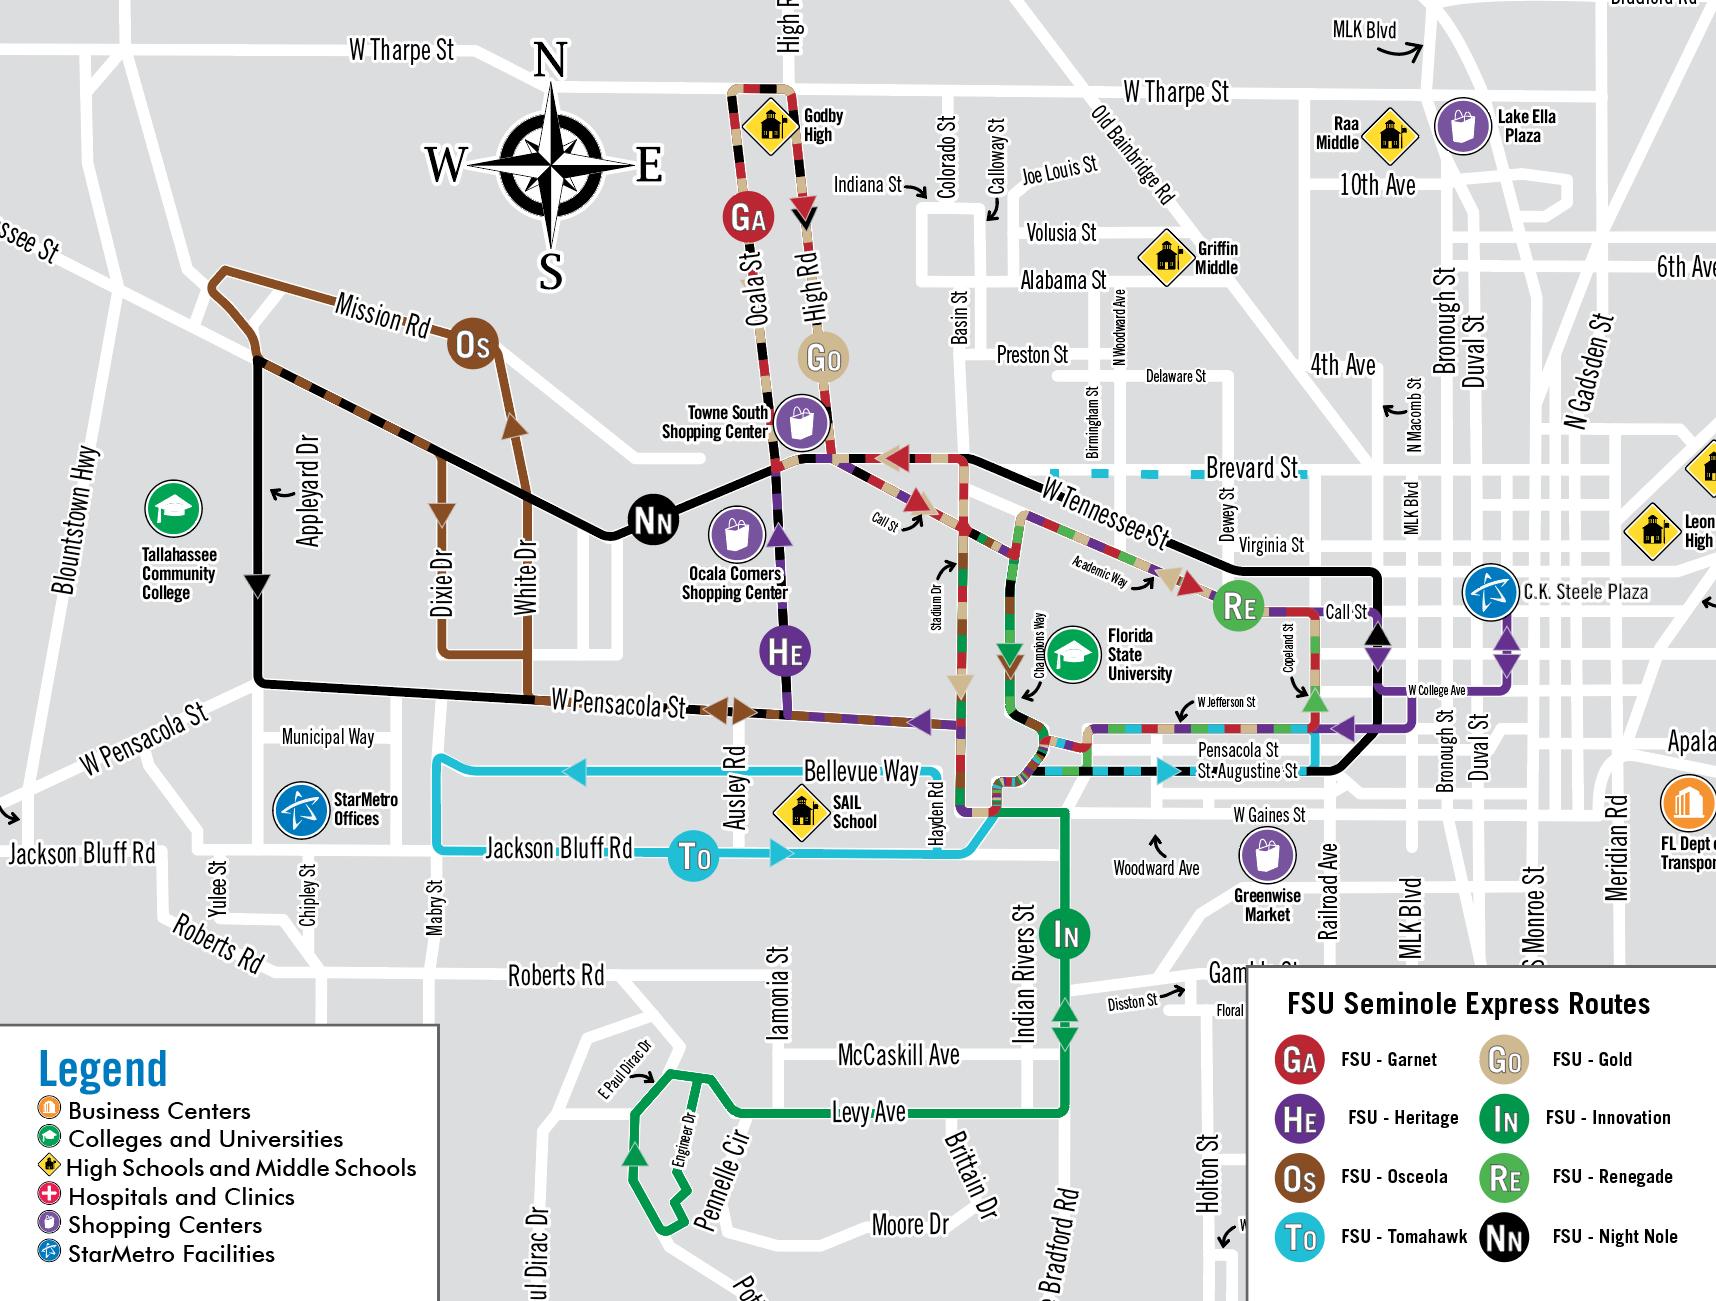 Fsu Seminole Express Routes Starmetro